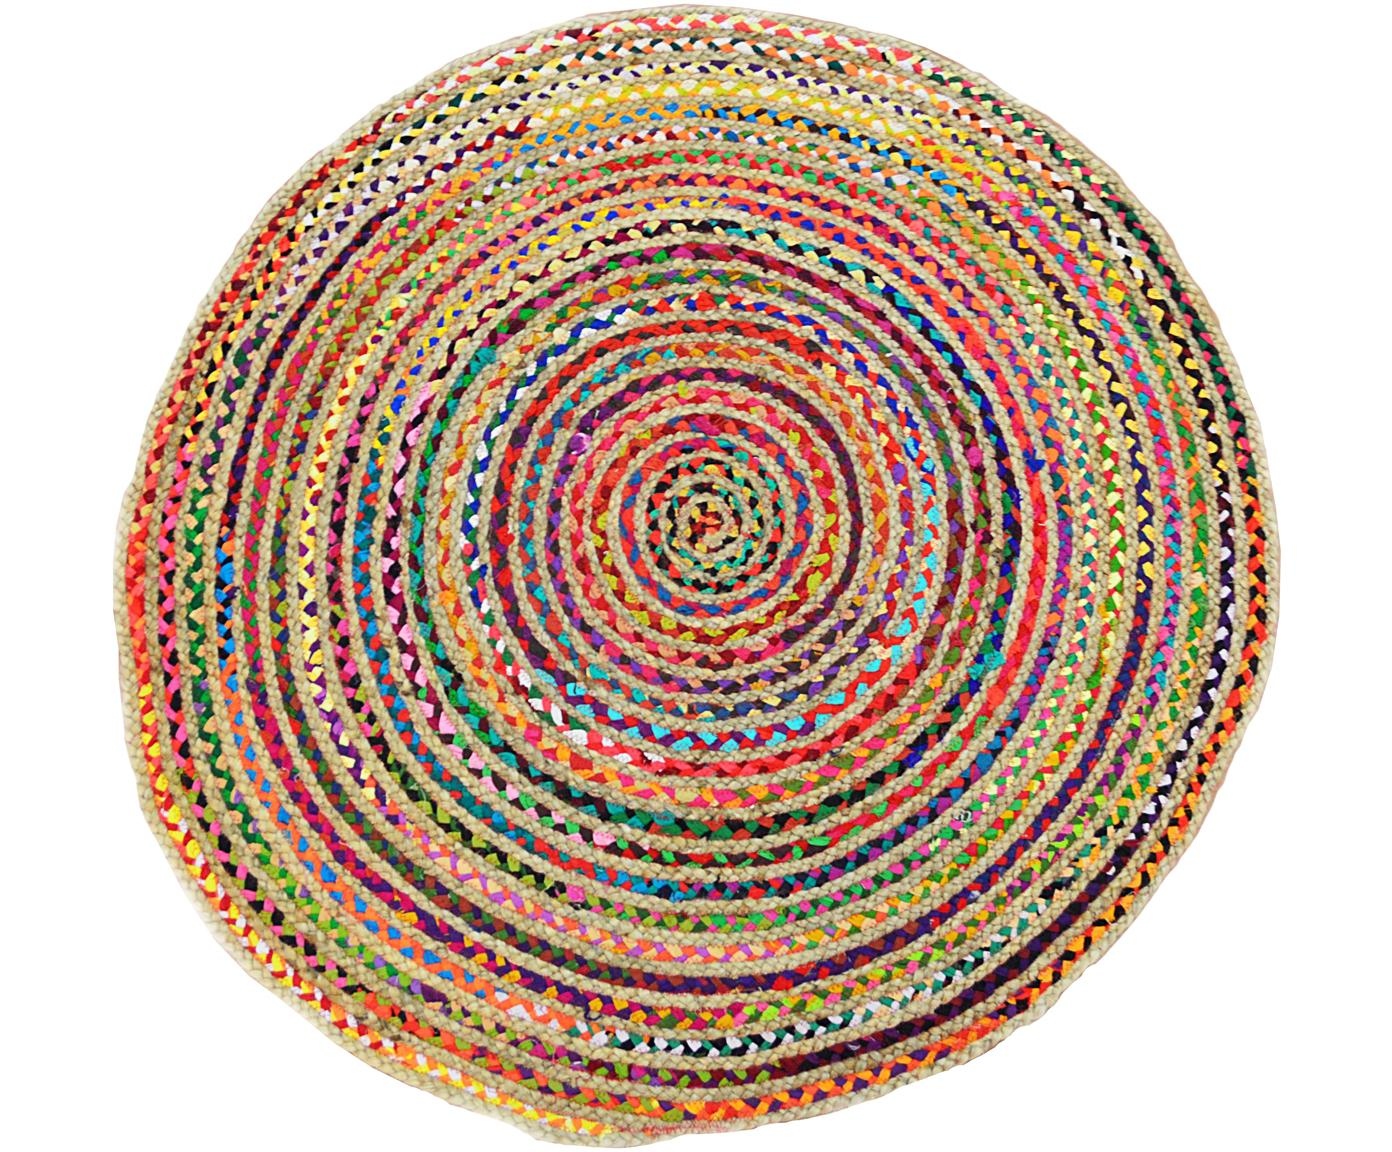 Alfombra redonda de yute Roberta, Yute, algodón, Multicolor, Ø 120 cm (Tamaño S)